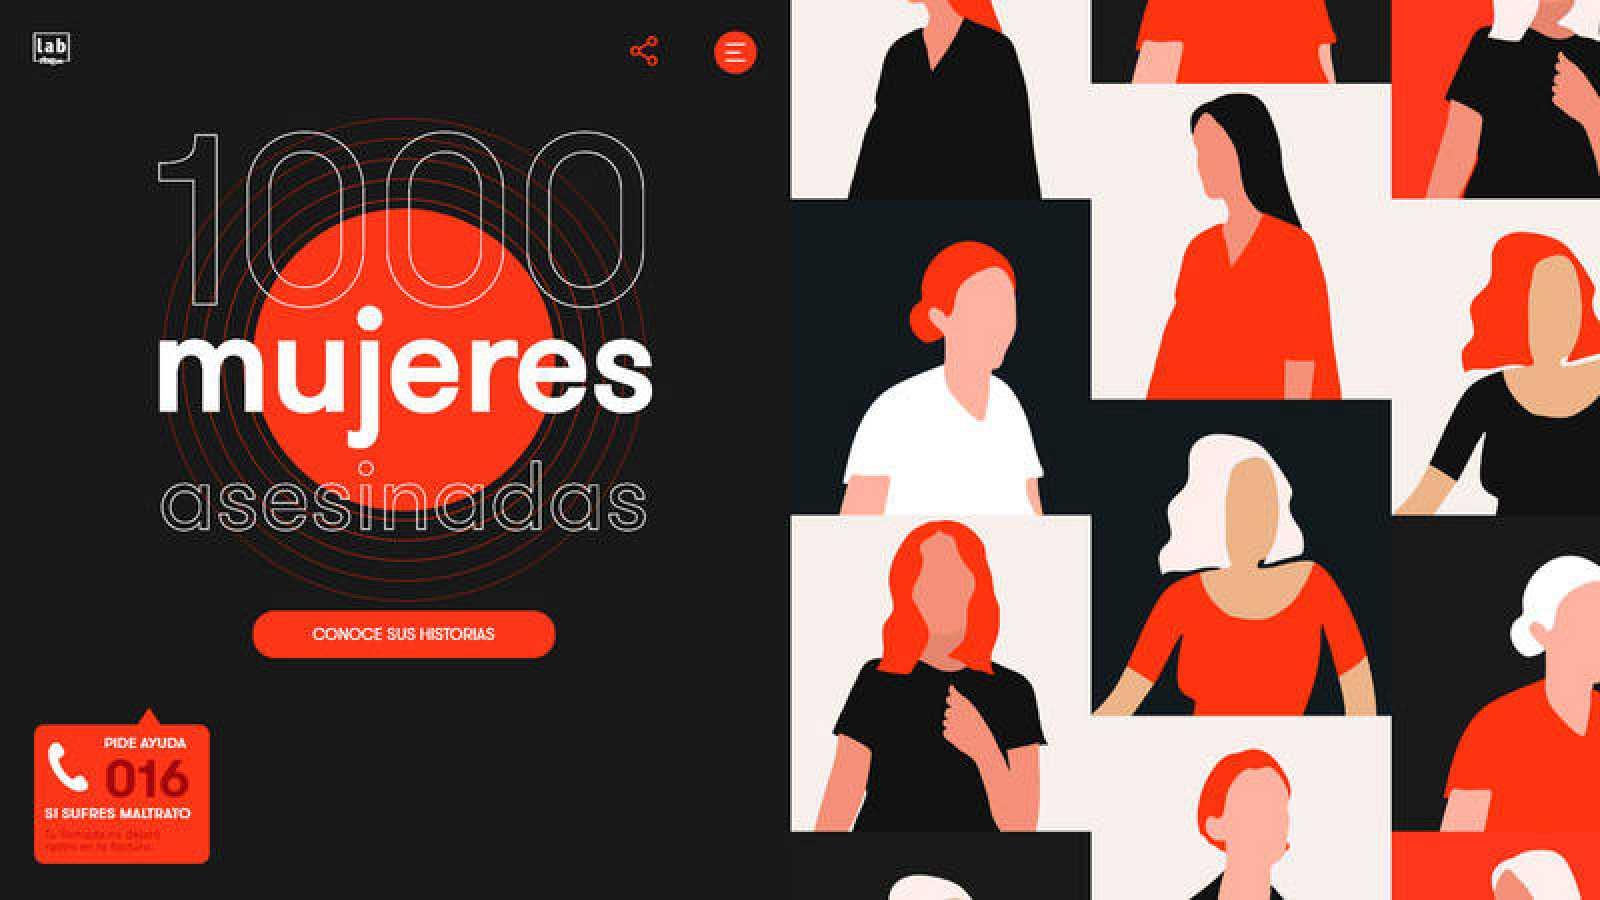 Portada de '1.000 mujeres asesinadas', el trabajo del Lab de RTVE sobre el feminicidio.